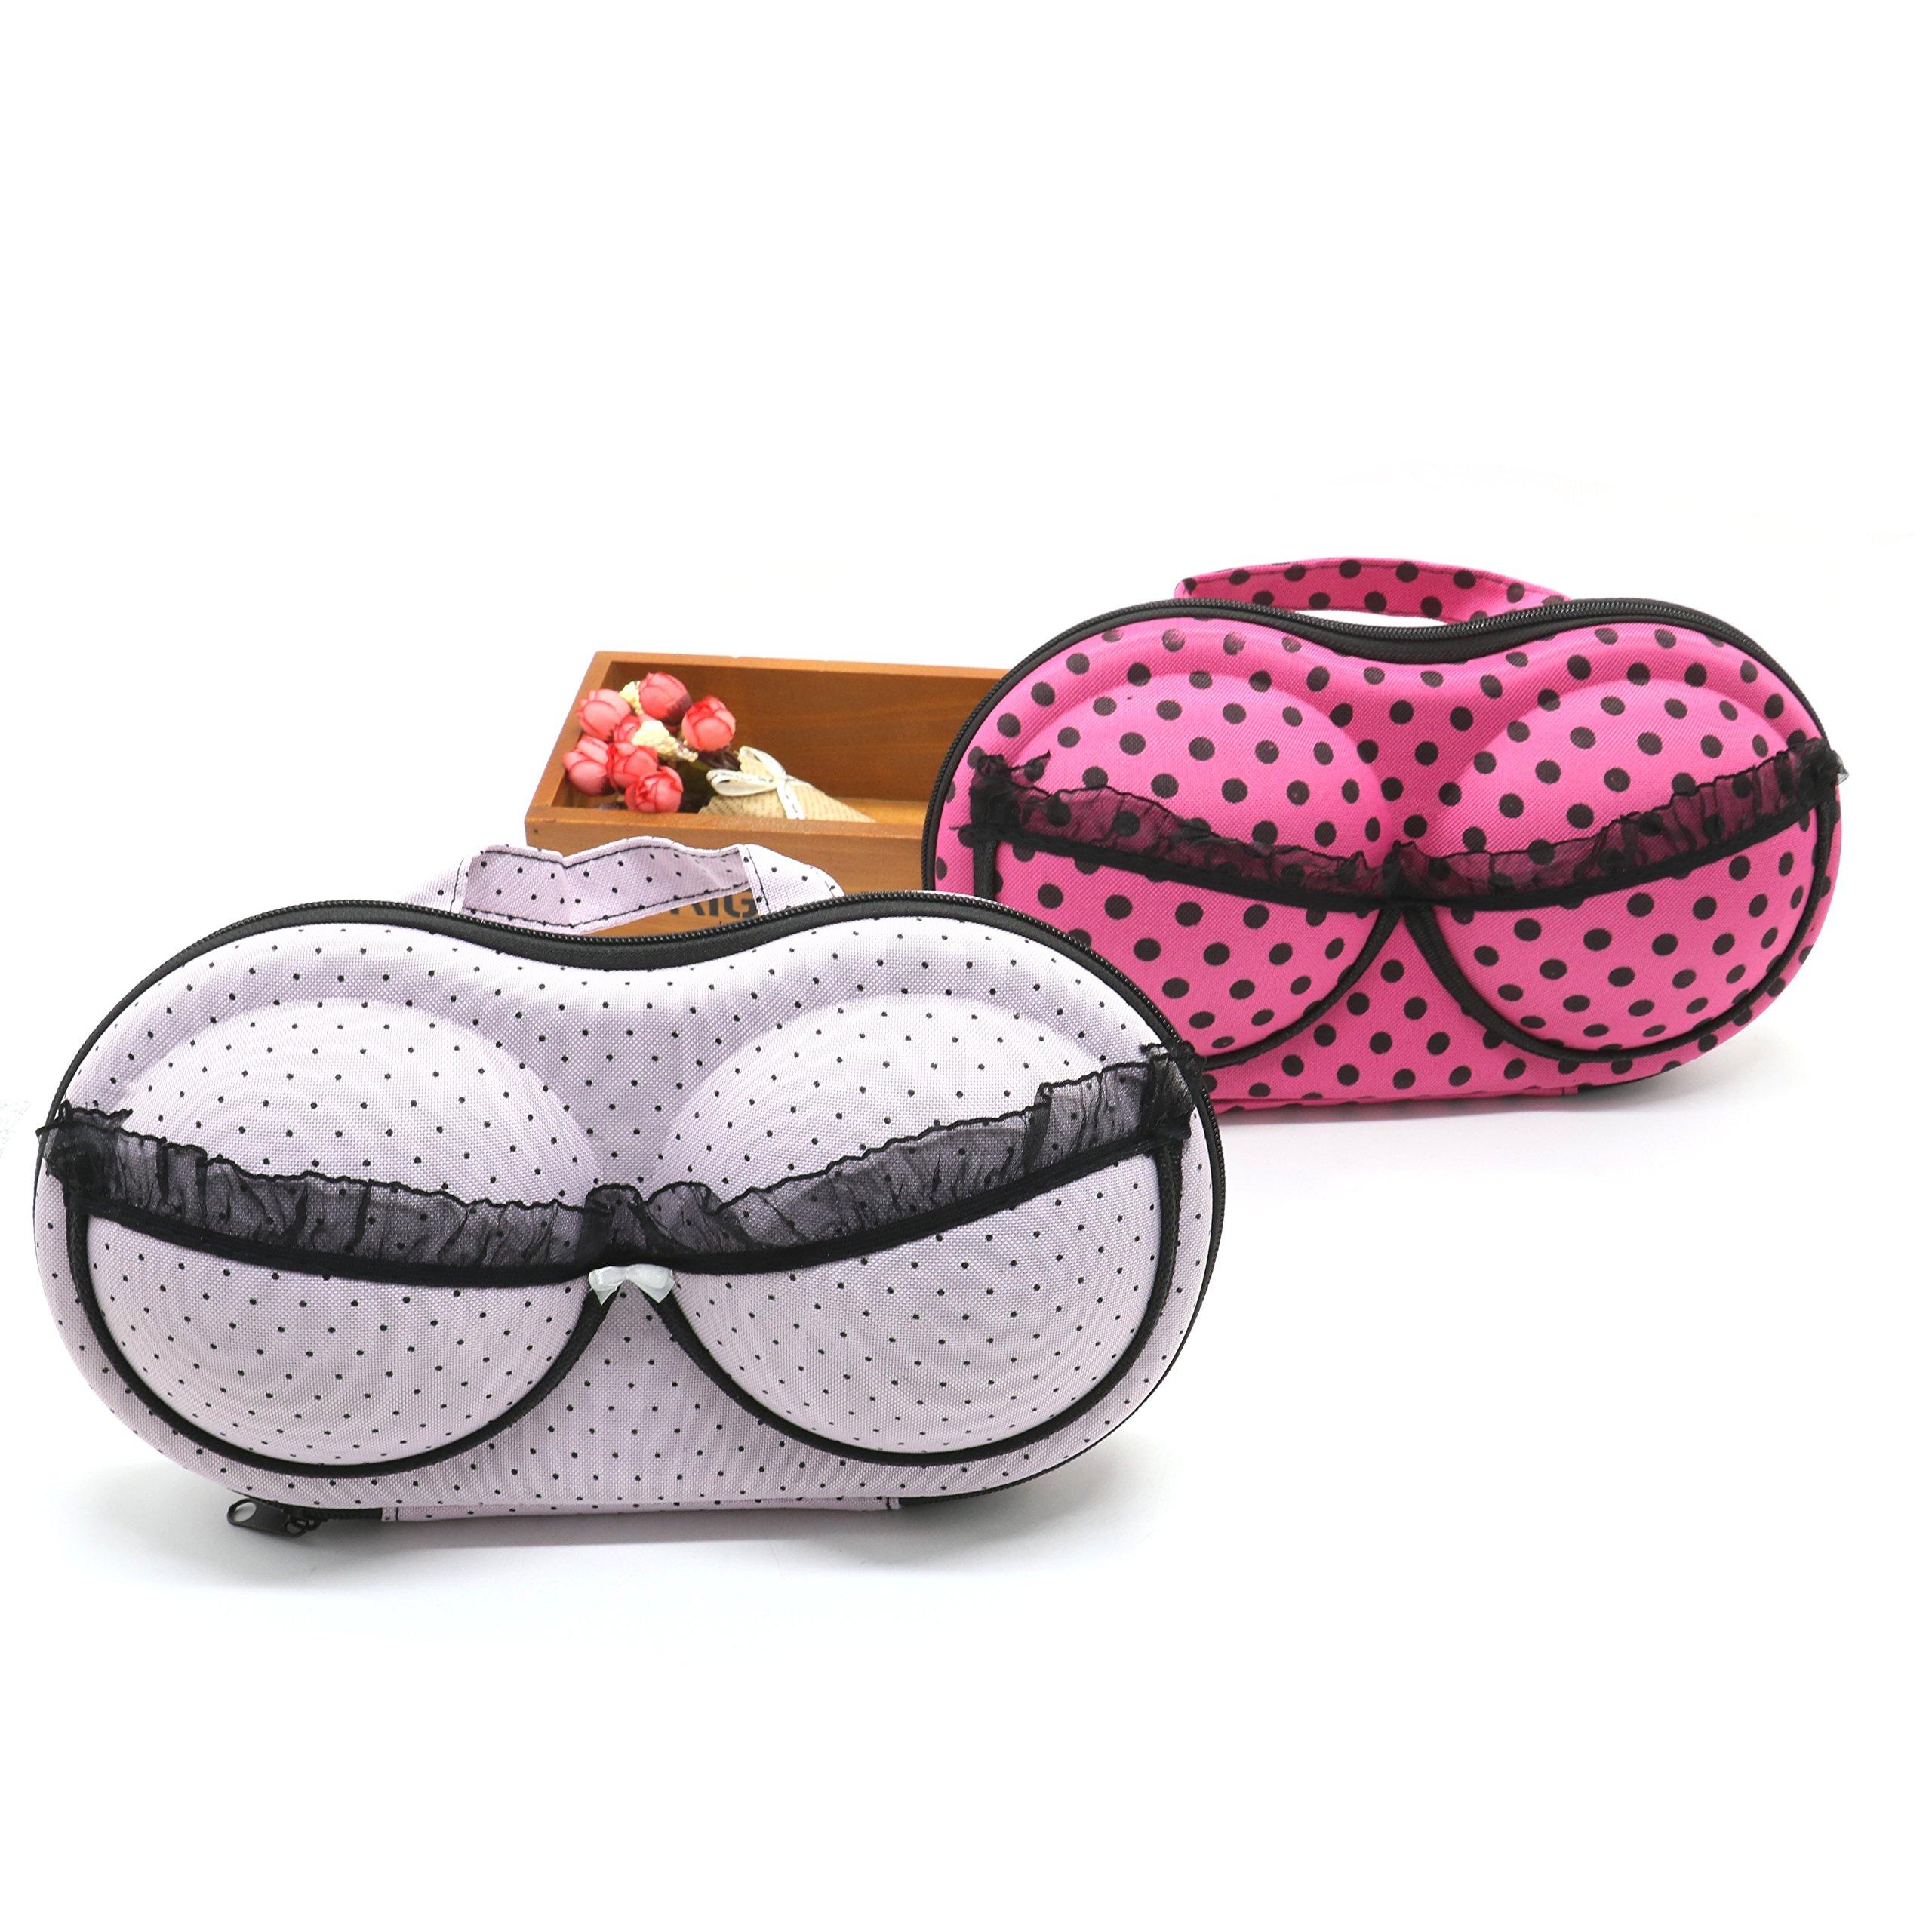 2Pcs Travel Home Organizer Zip Bag Case Bra Underwear Lingerie Case Storage Bag